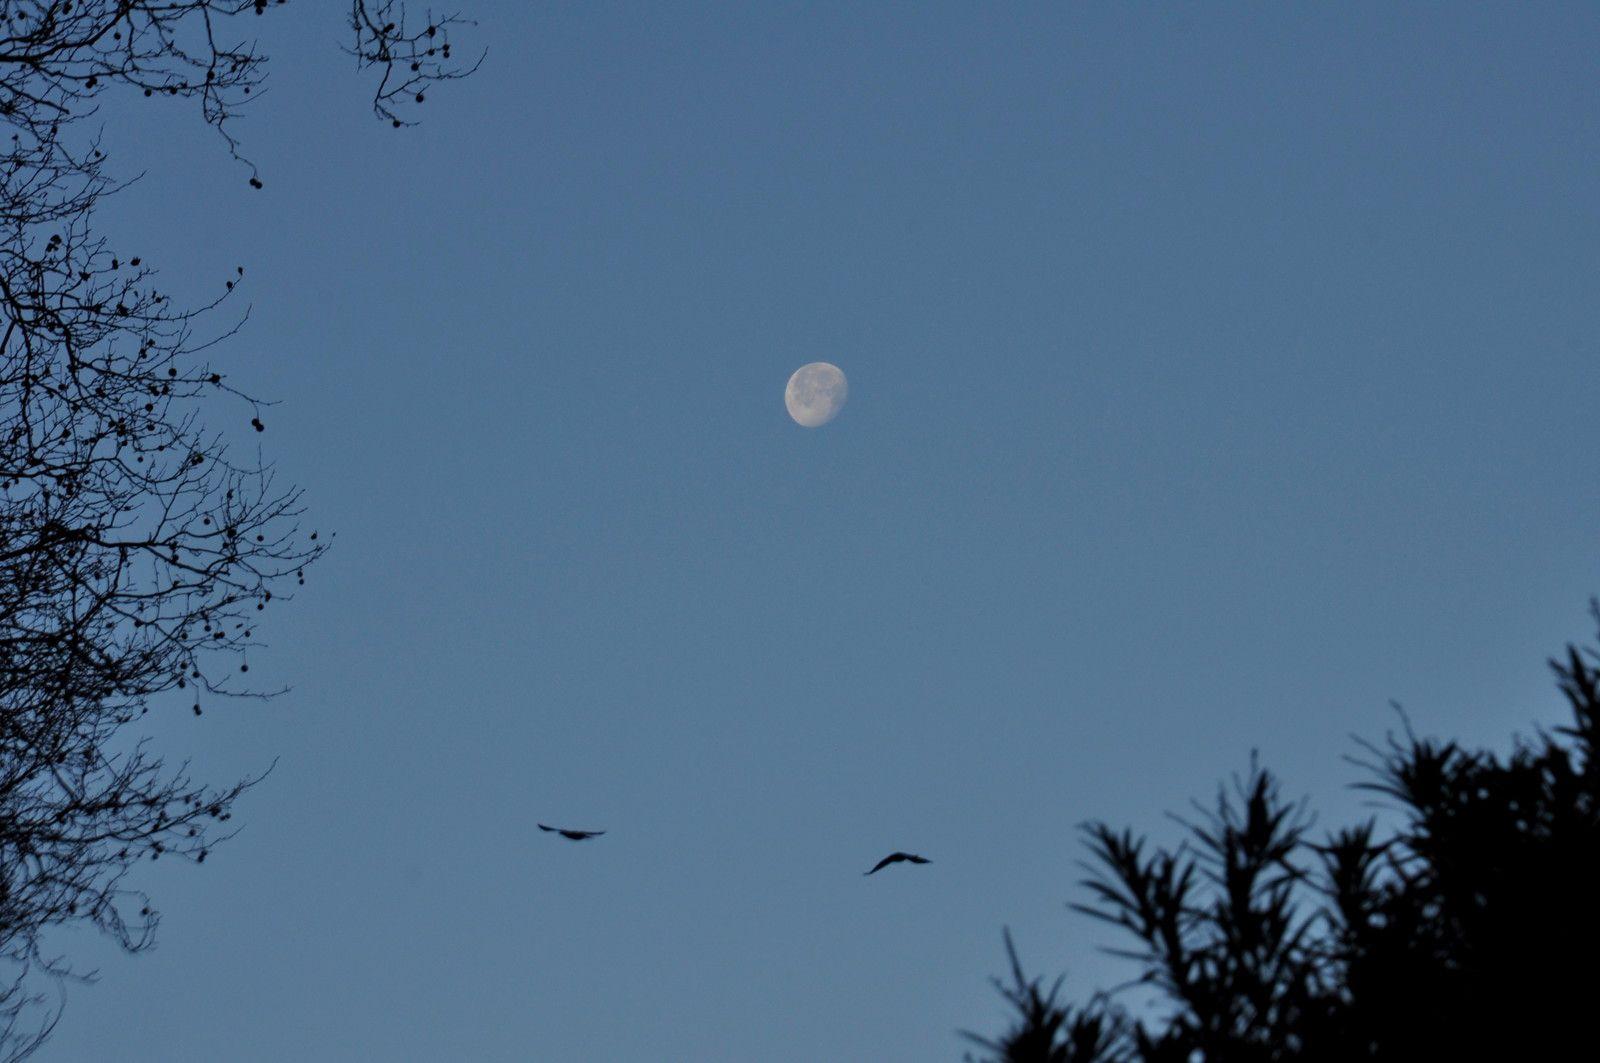 Des arbres, des oiseaux et la lune, cela donne un arrêt photo obligatoire